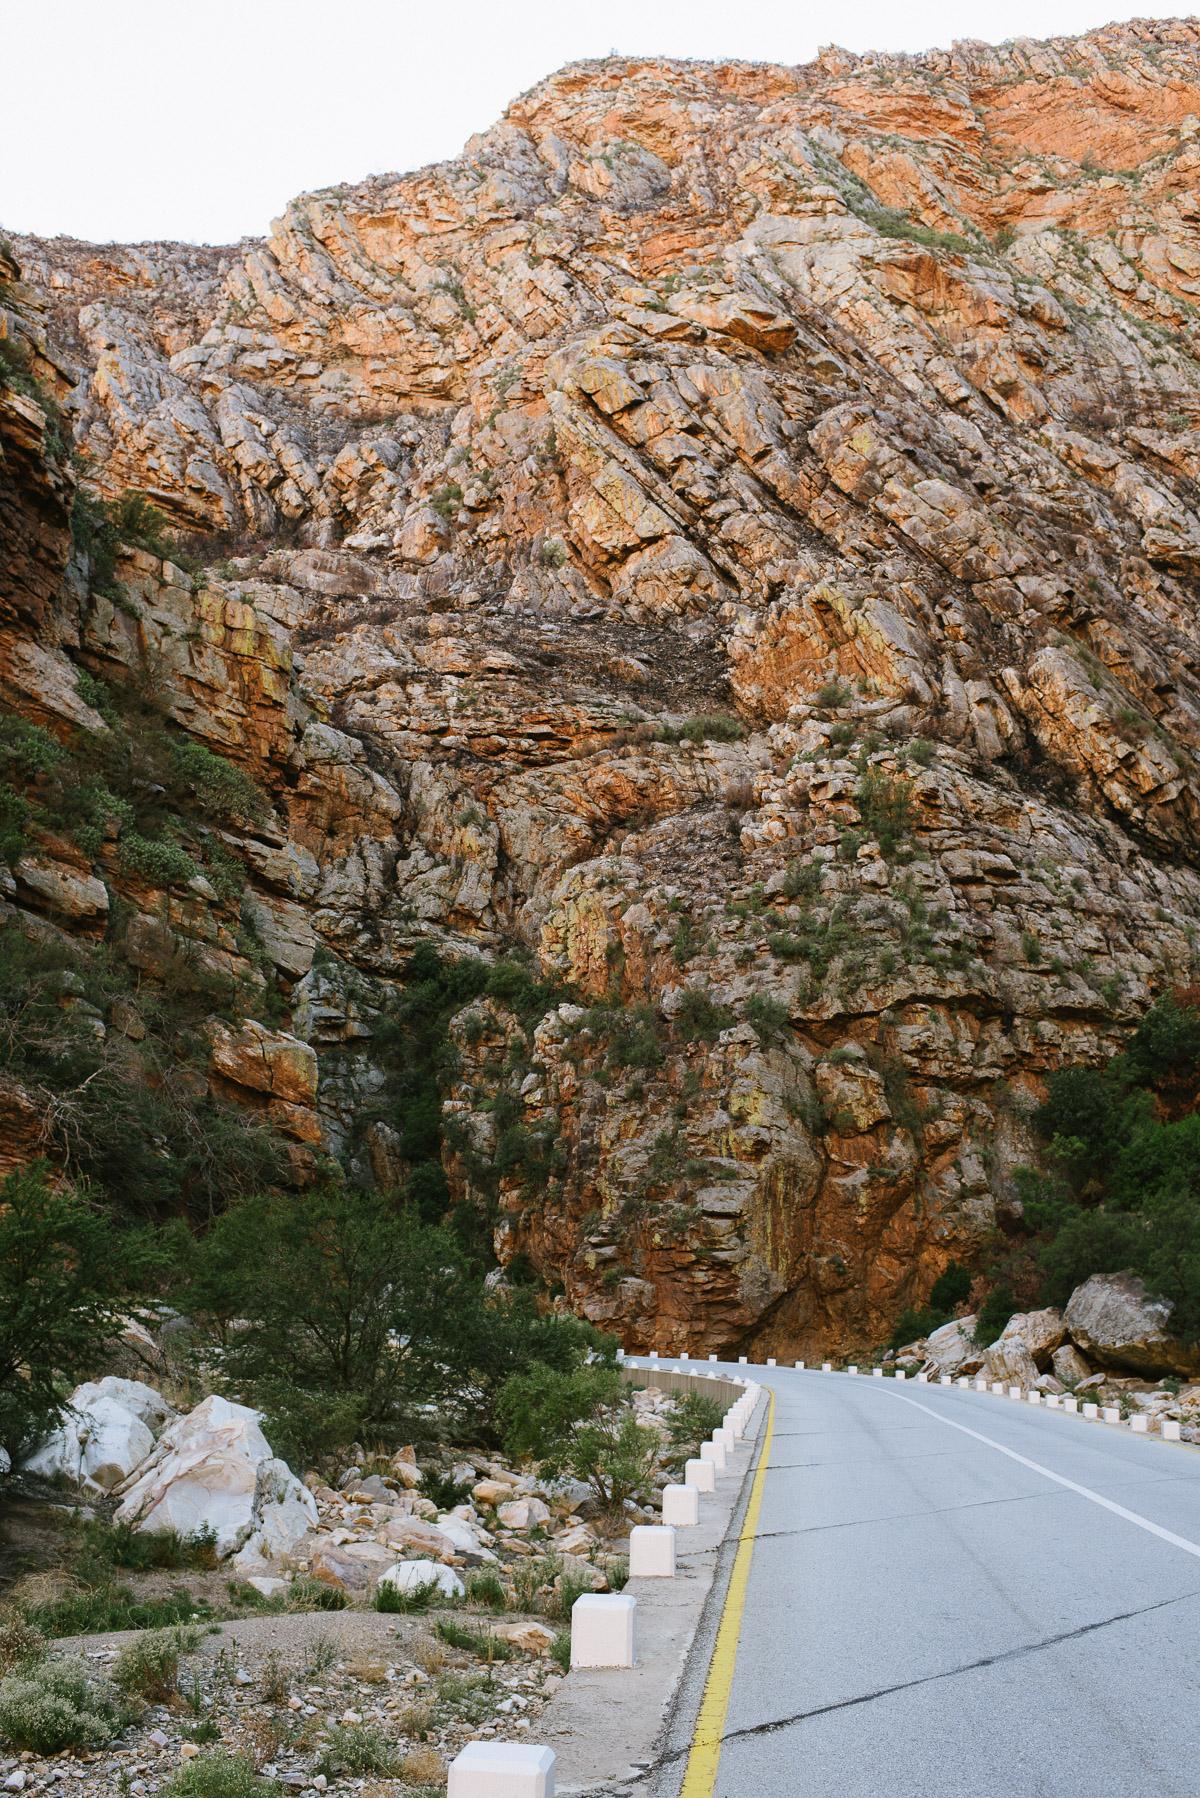 Enge Felsenschlucht am Meiringspaart Pass Südafrika